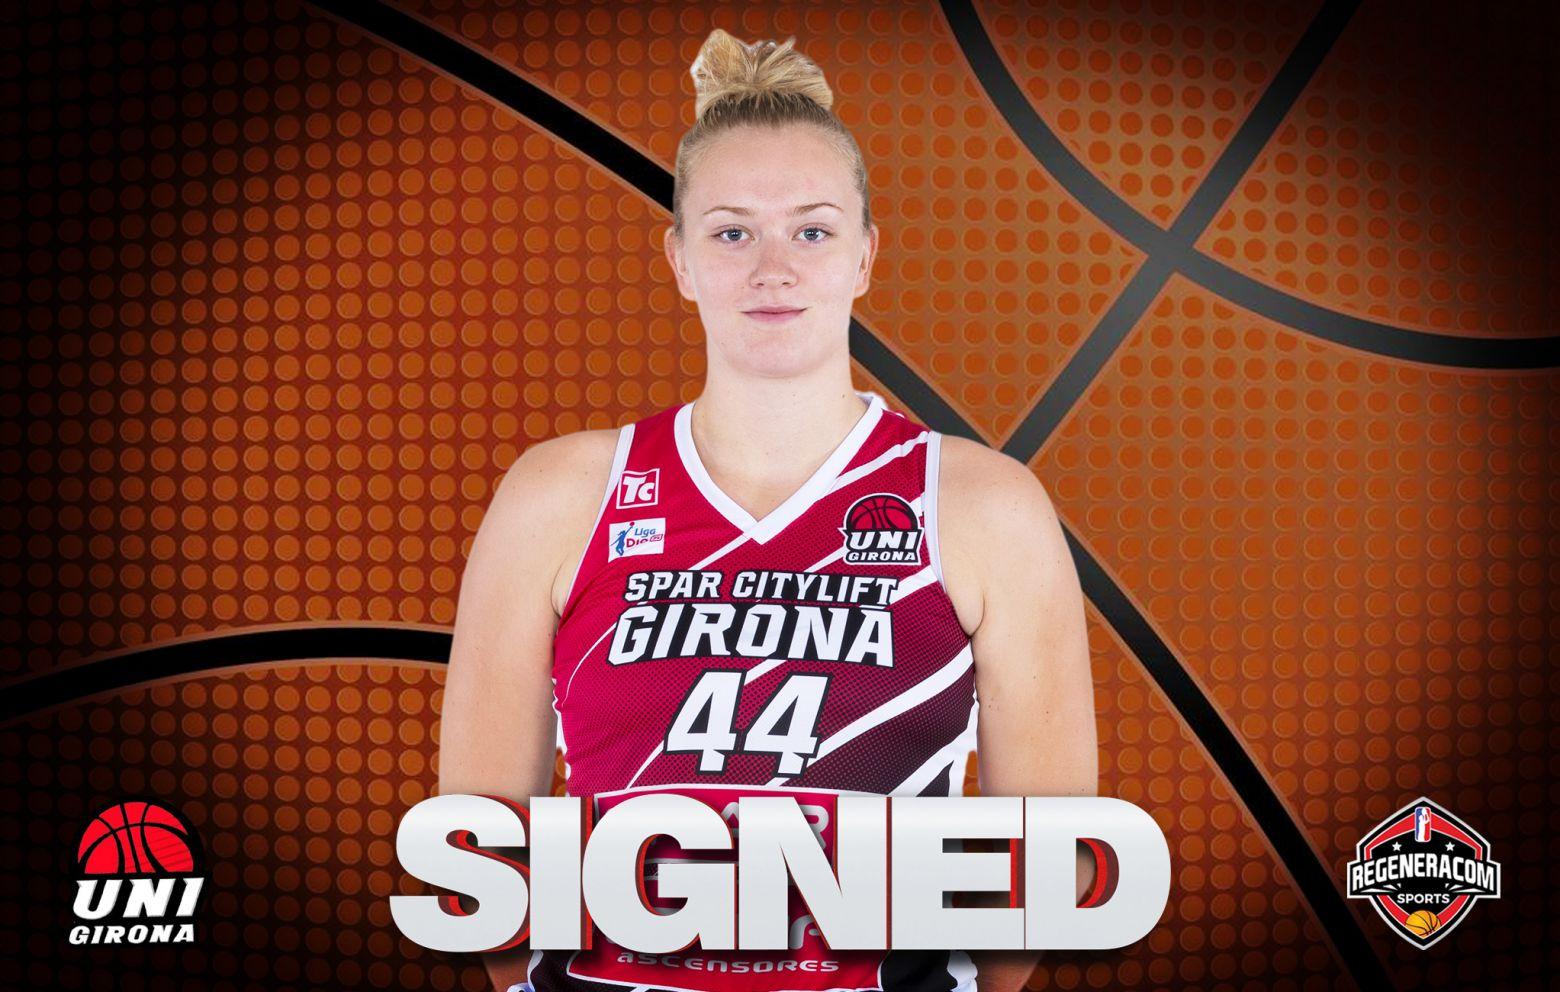 JULIA REISINGEROVA ha firmado con el Uni Girona